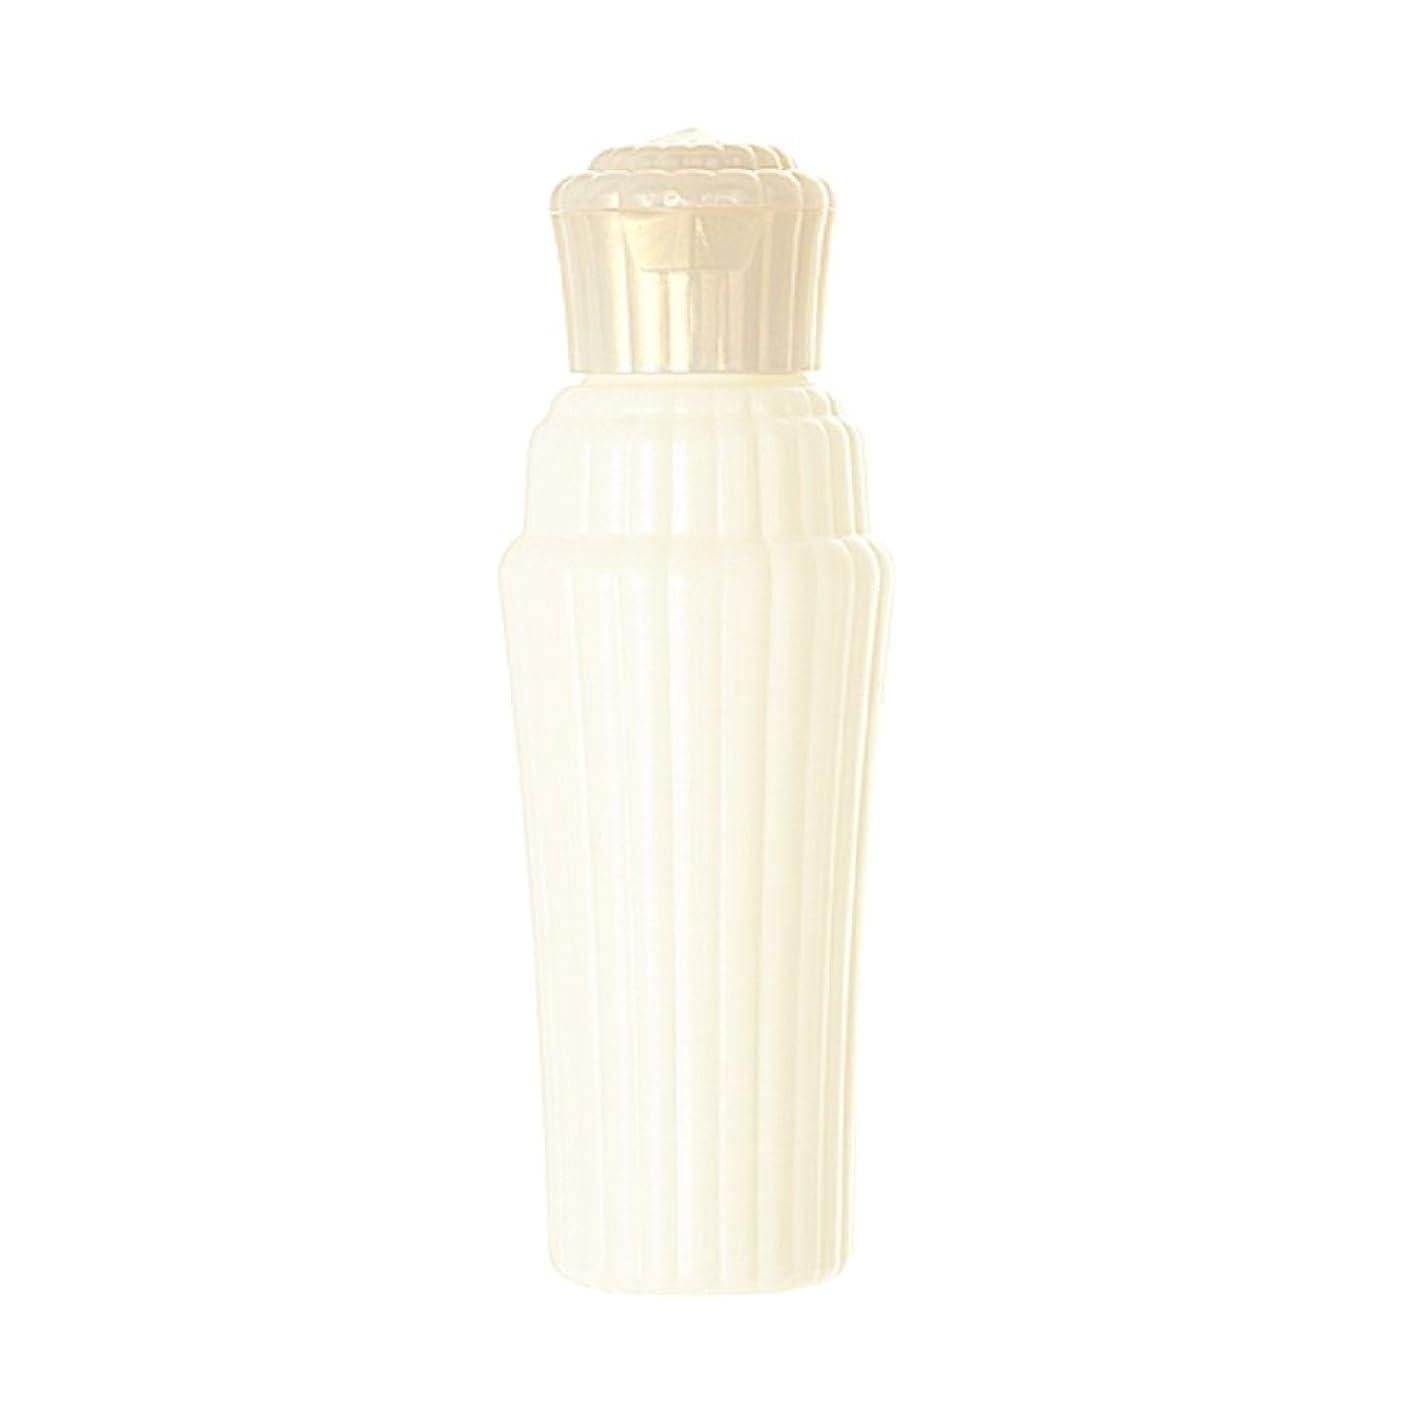 先のことを考える塩極めて重要なアユーラ (AYURA) クリアフォーミングミルク 150mL 〈ミルク状洗顔料〉